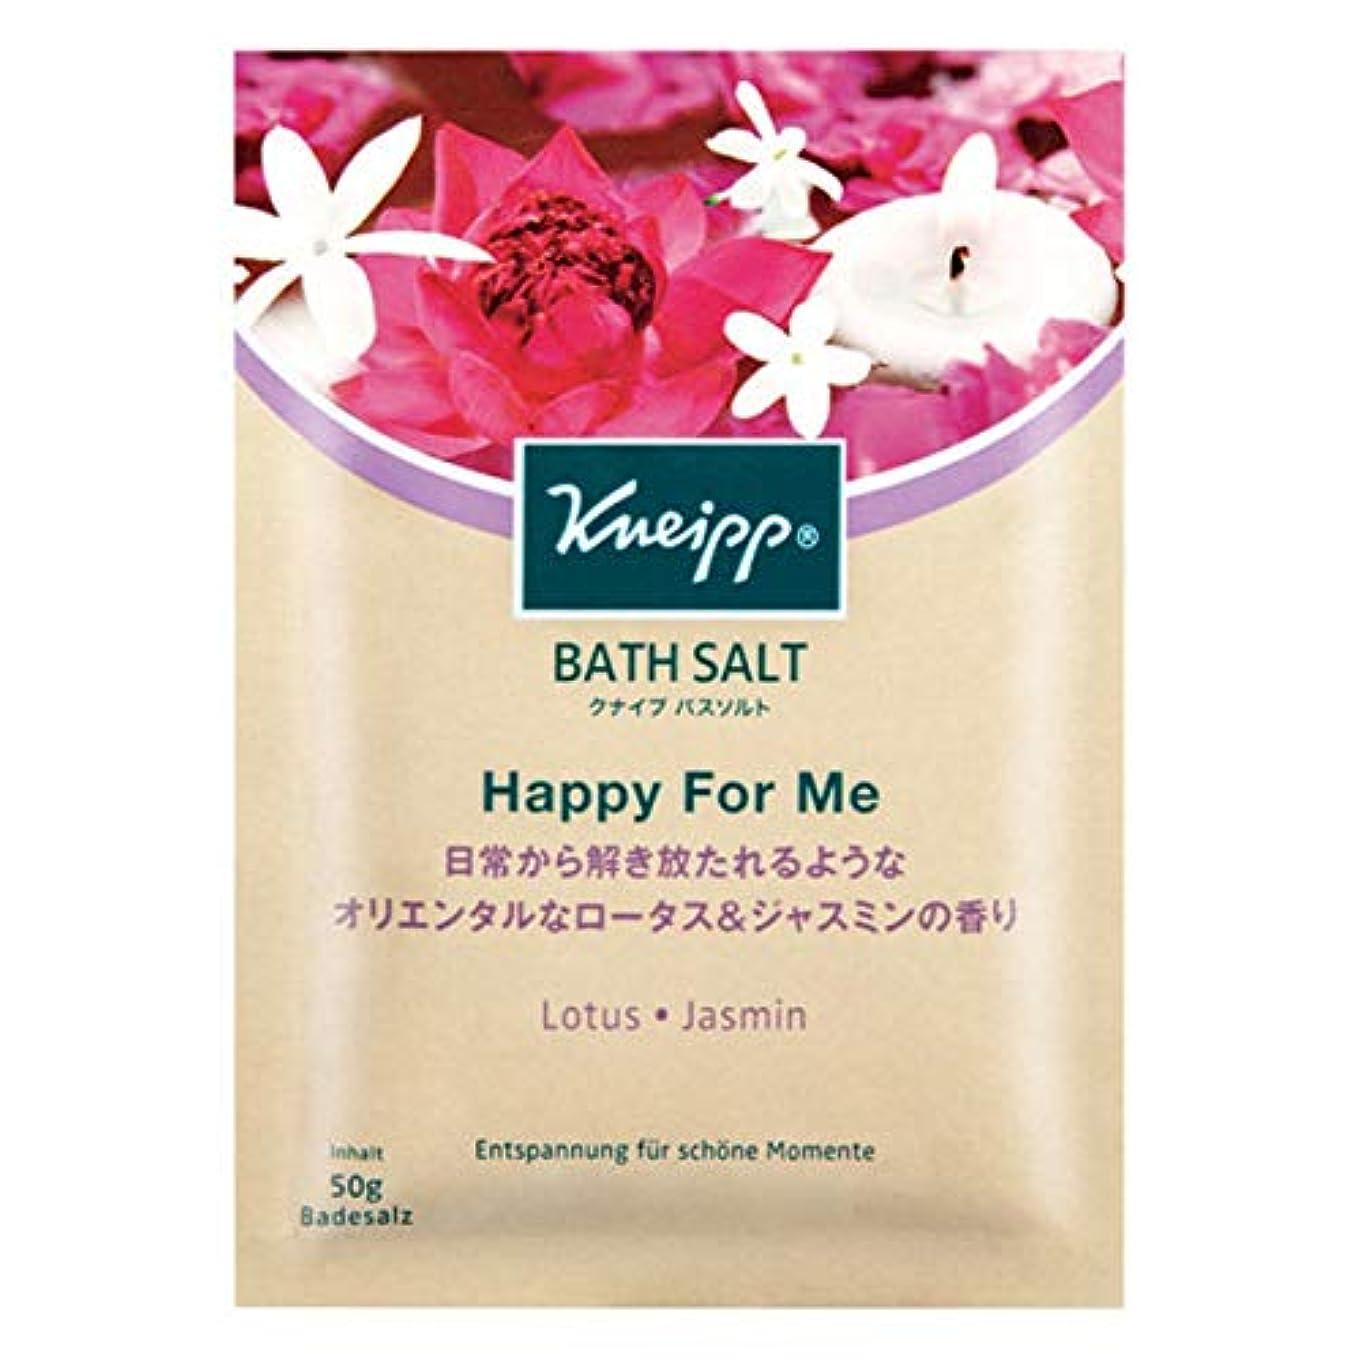 実用的ラメ前兆クナイプ バスソルト ハッピーフォーミー ロータス&ジャスミンの香り 50g